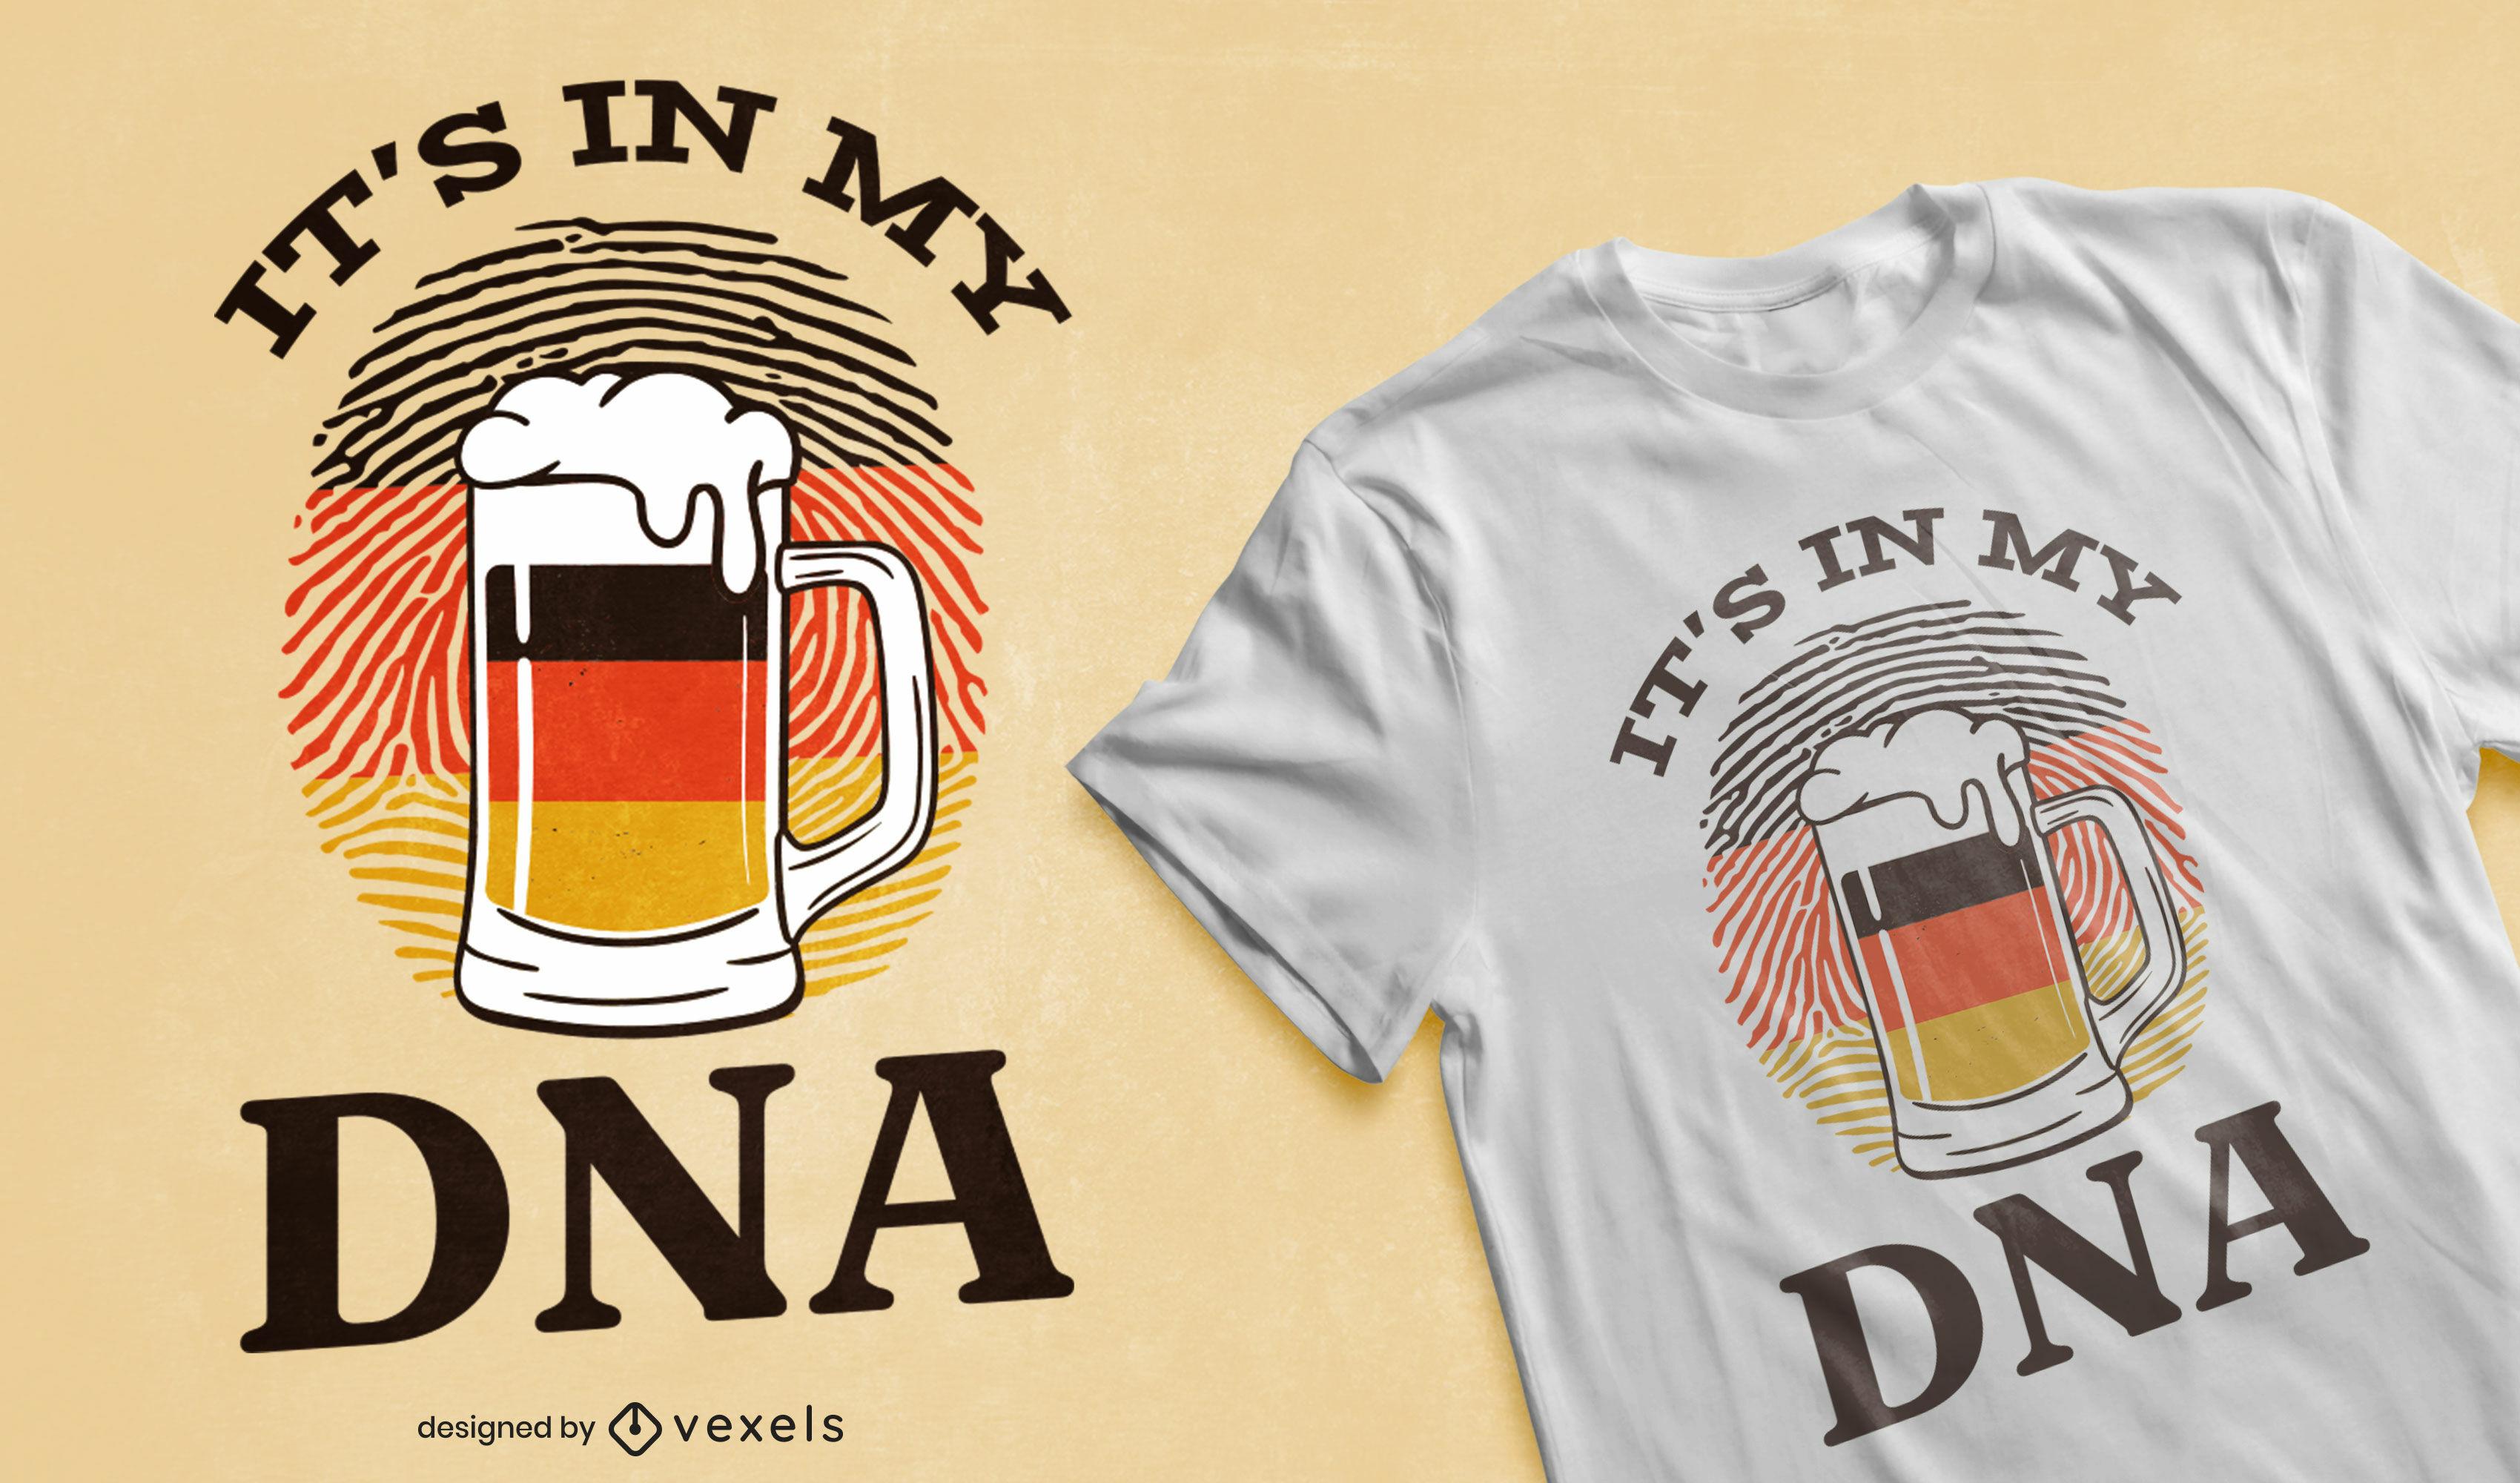 Bier deutsches DNA-T-Shirt-Design